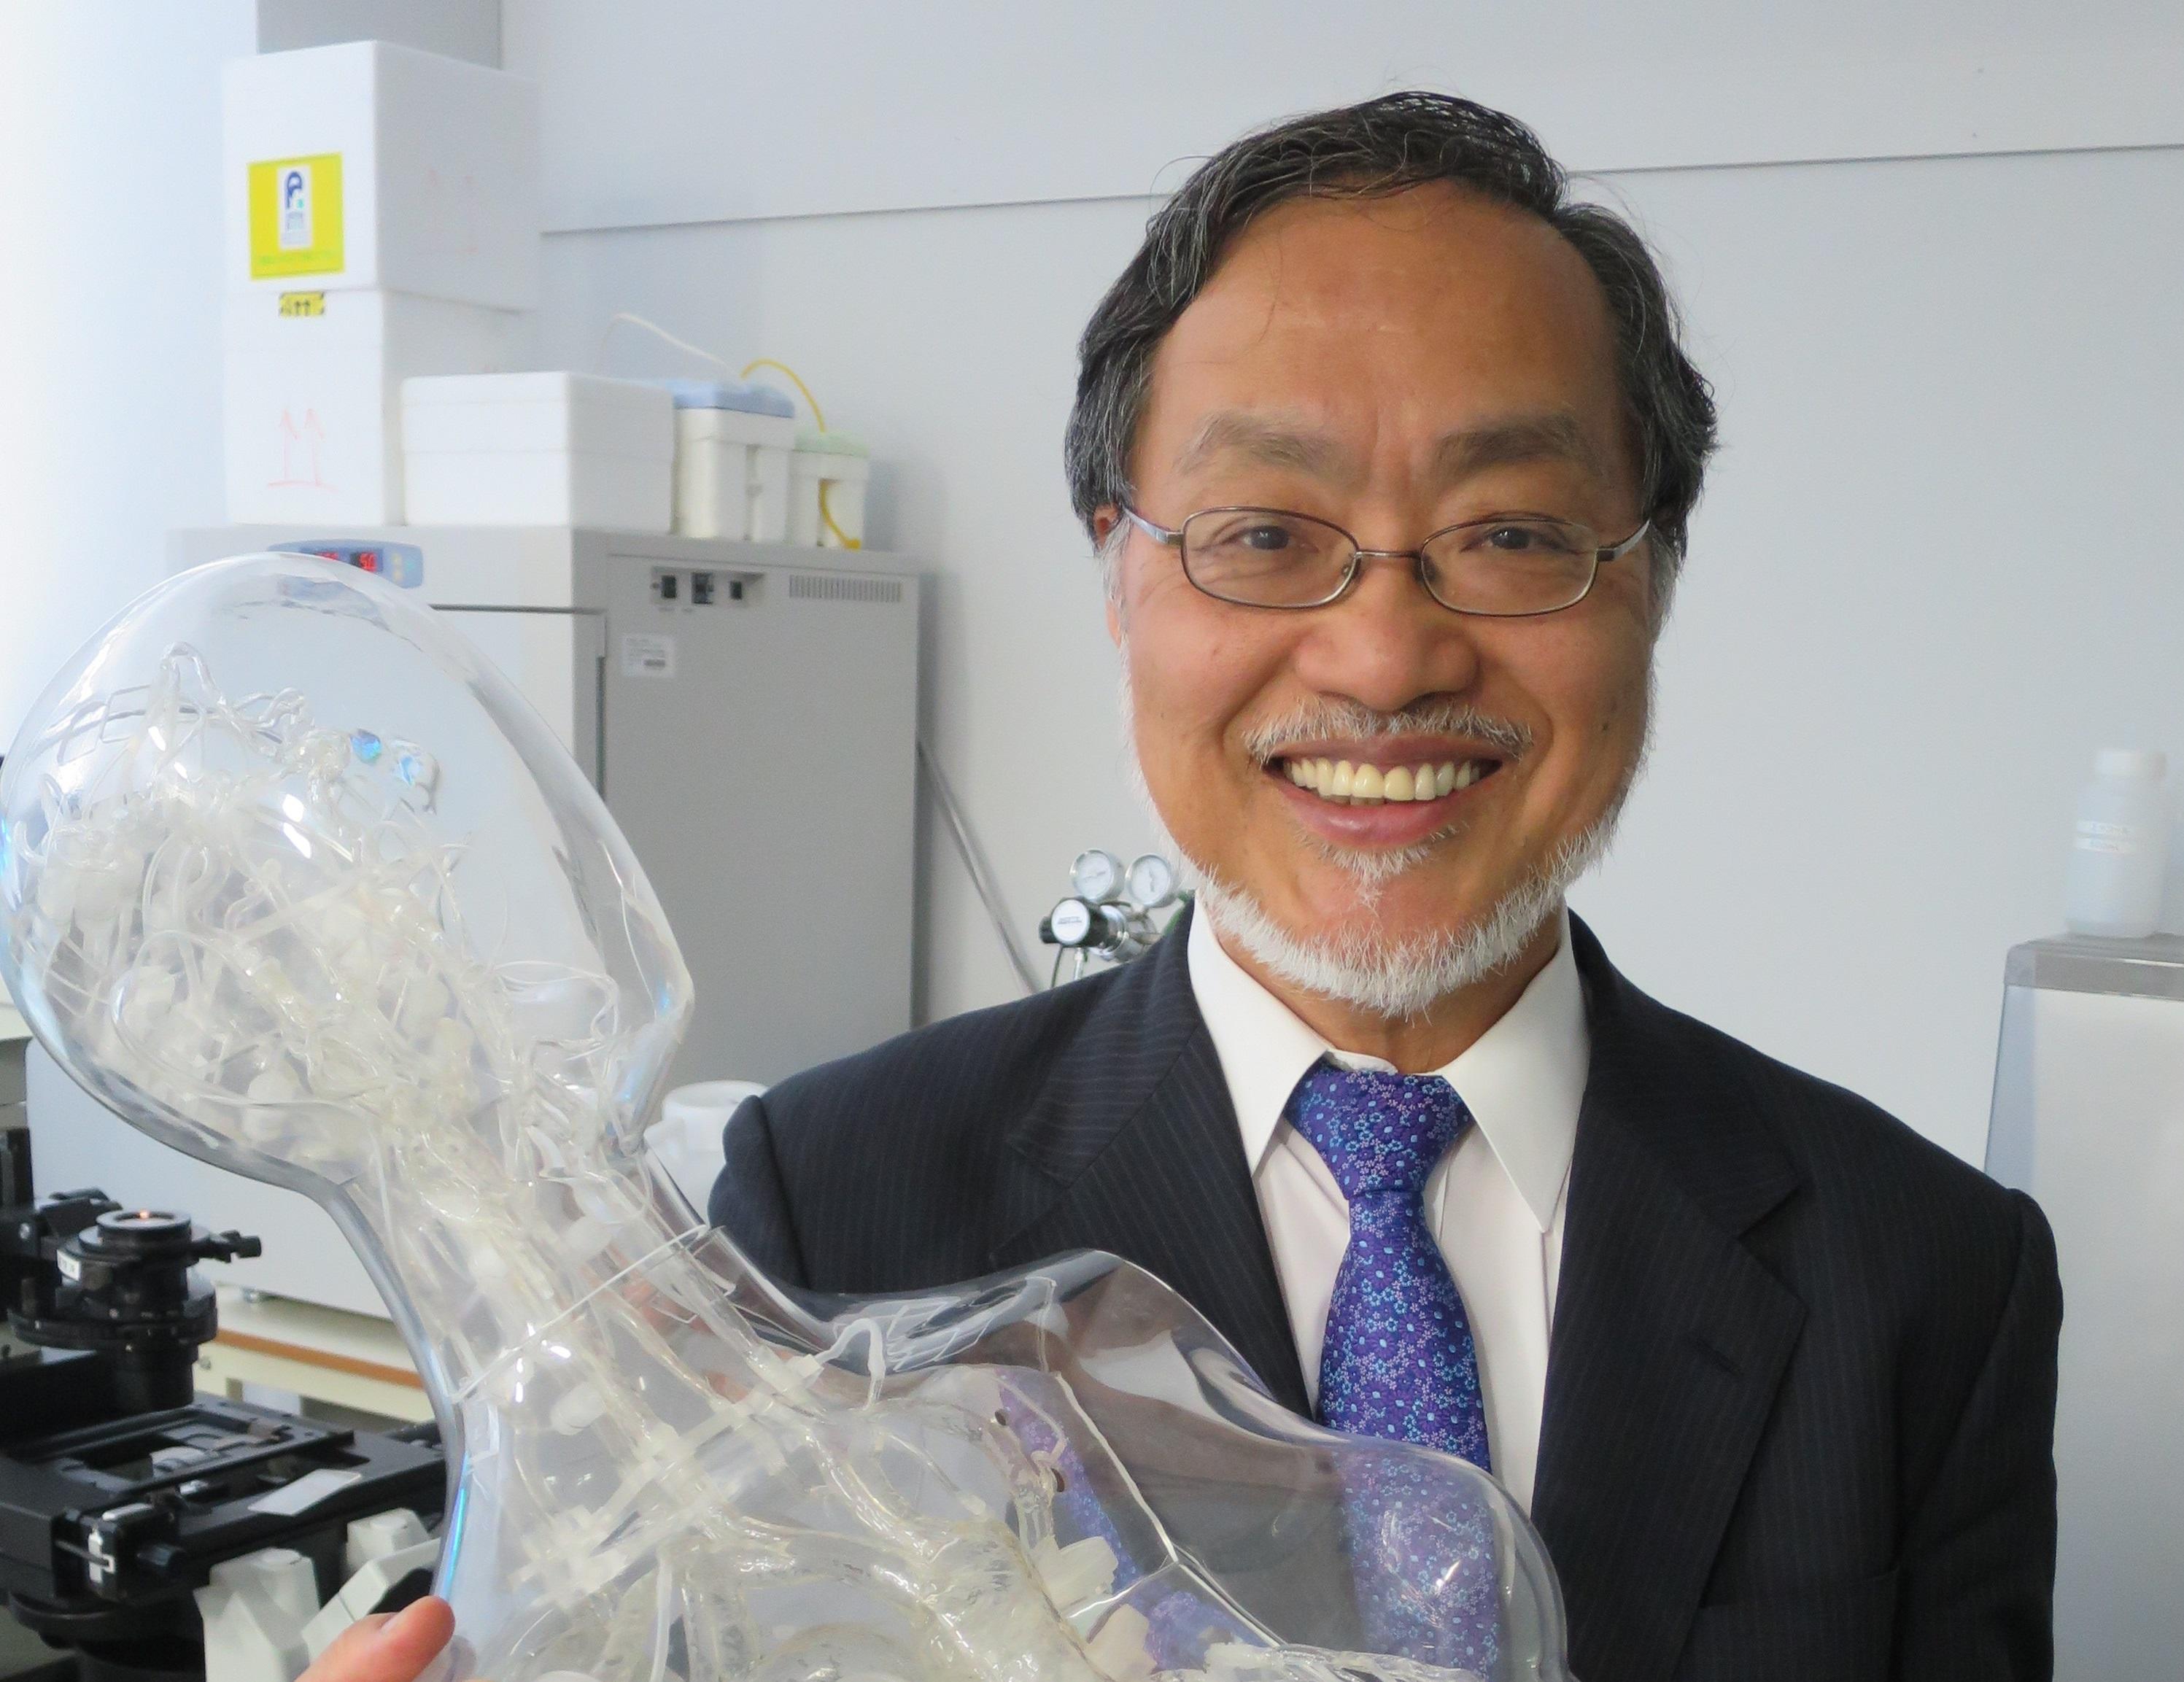 人体の血管内治療技術トレーニング用シミュレーターを手にする福田教授